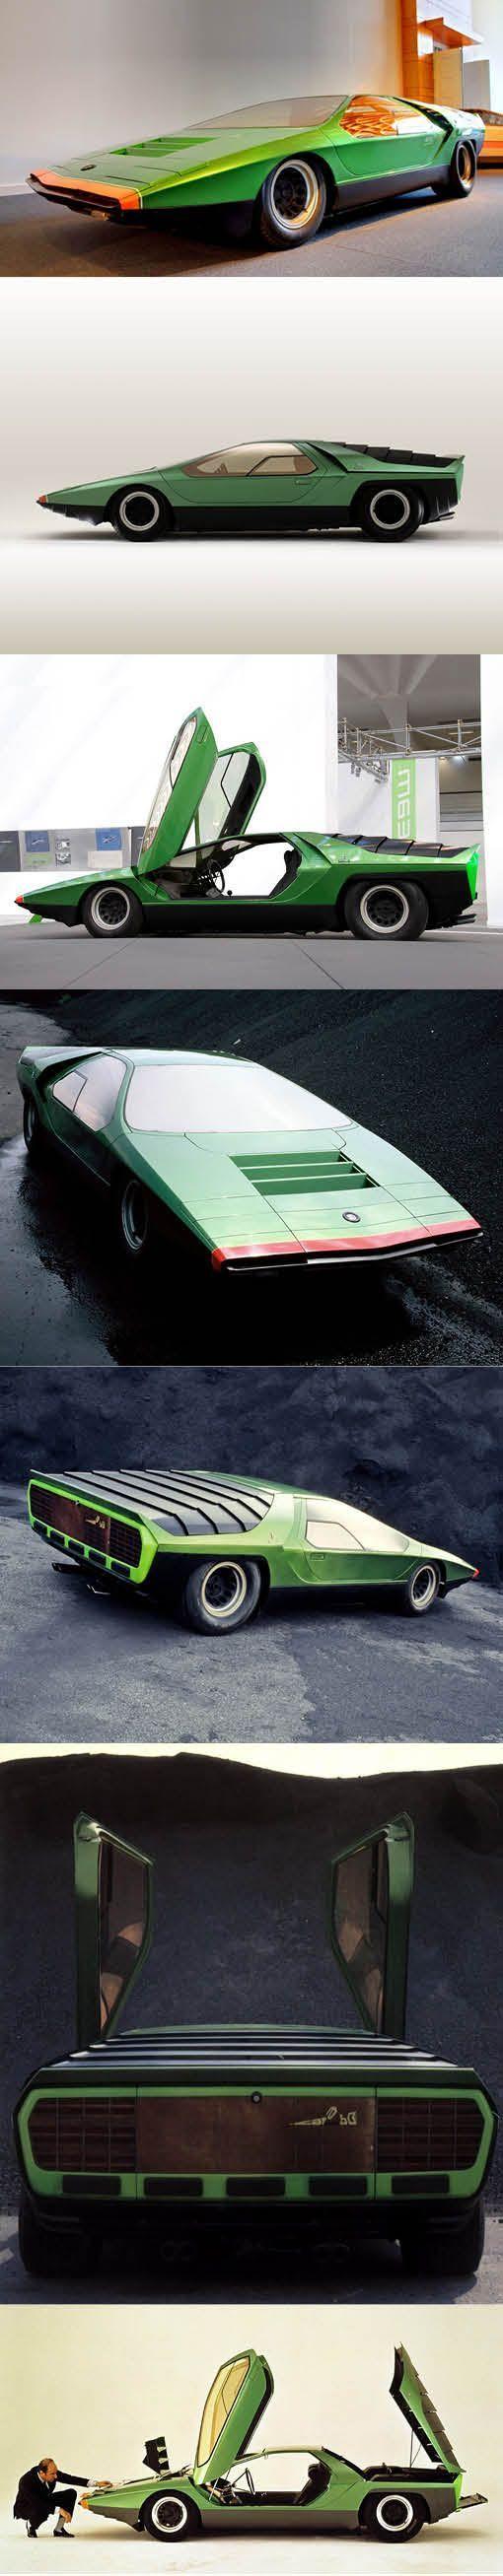 1968 Marcello Gandini For Bertone Alfa Romeo 33 Carabo Concept